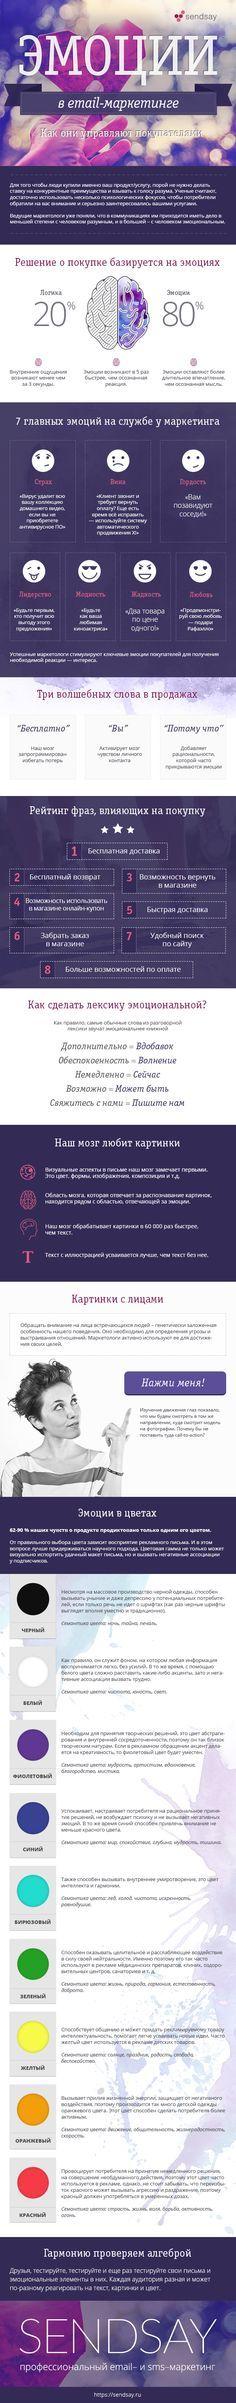 Инфографика: эмоции в email-маркетинге, #email-маркетинг, #sendsay